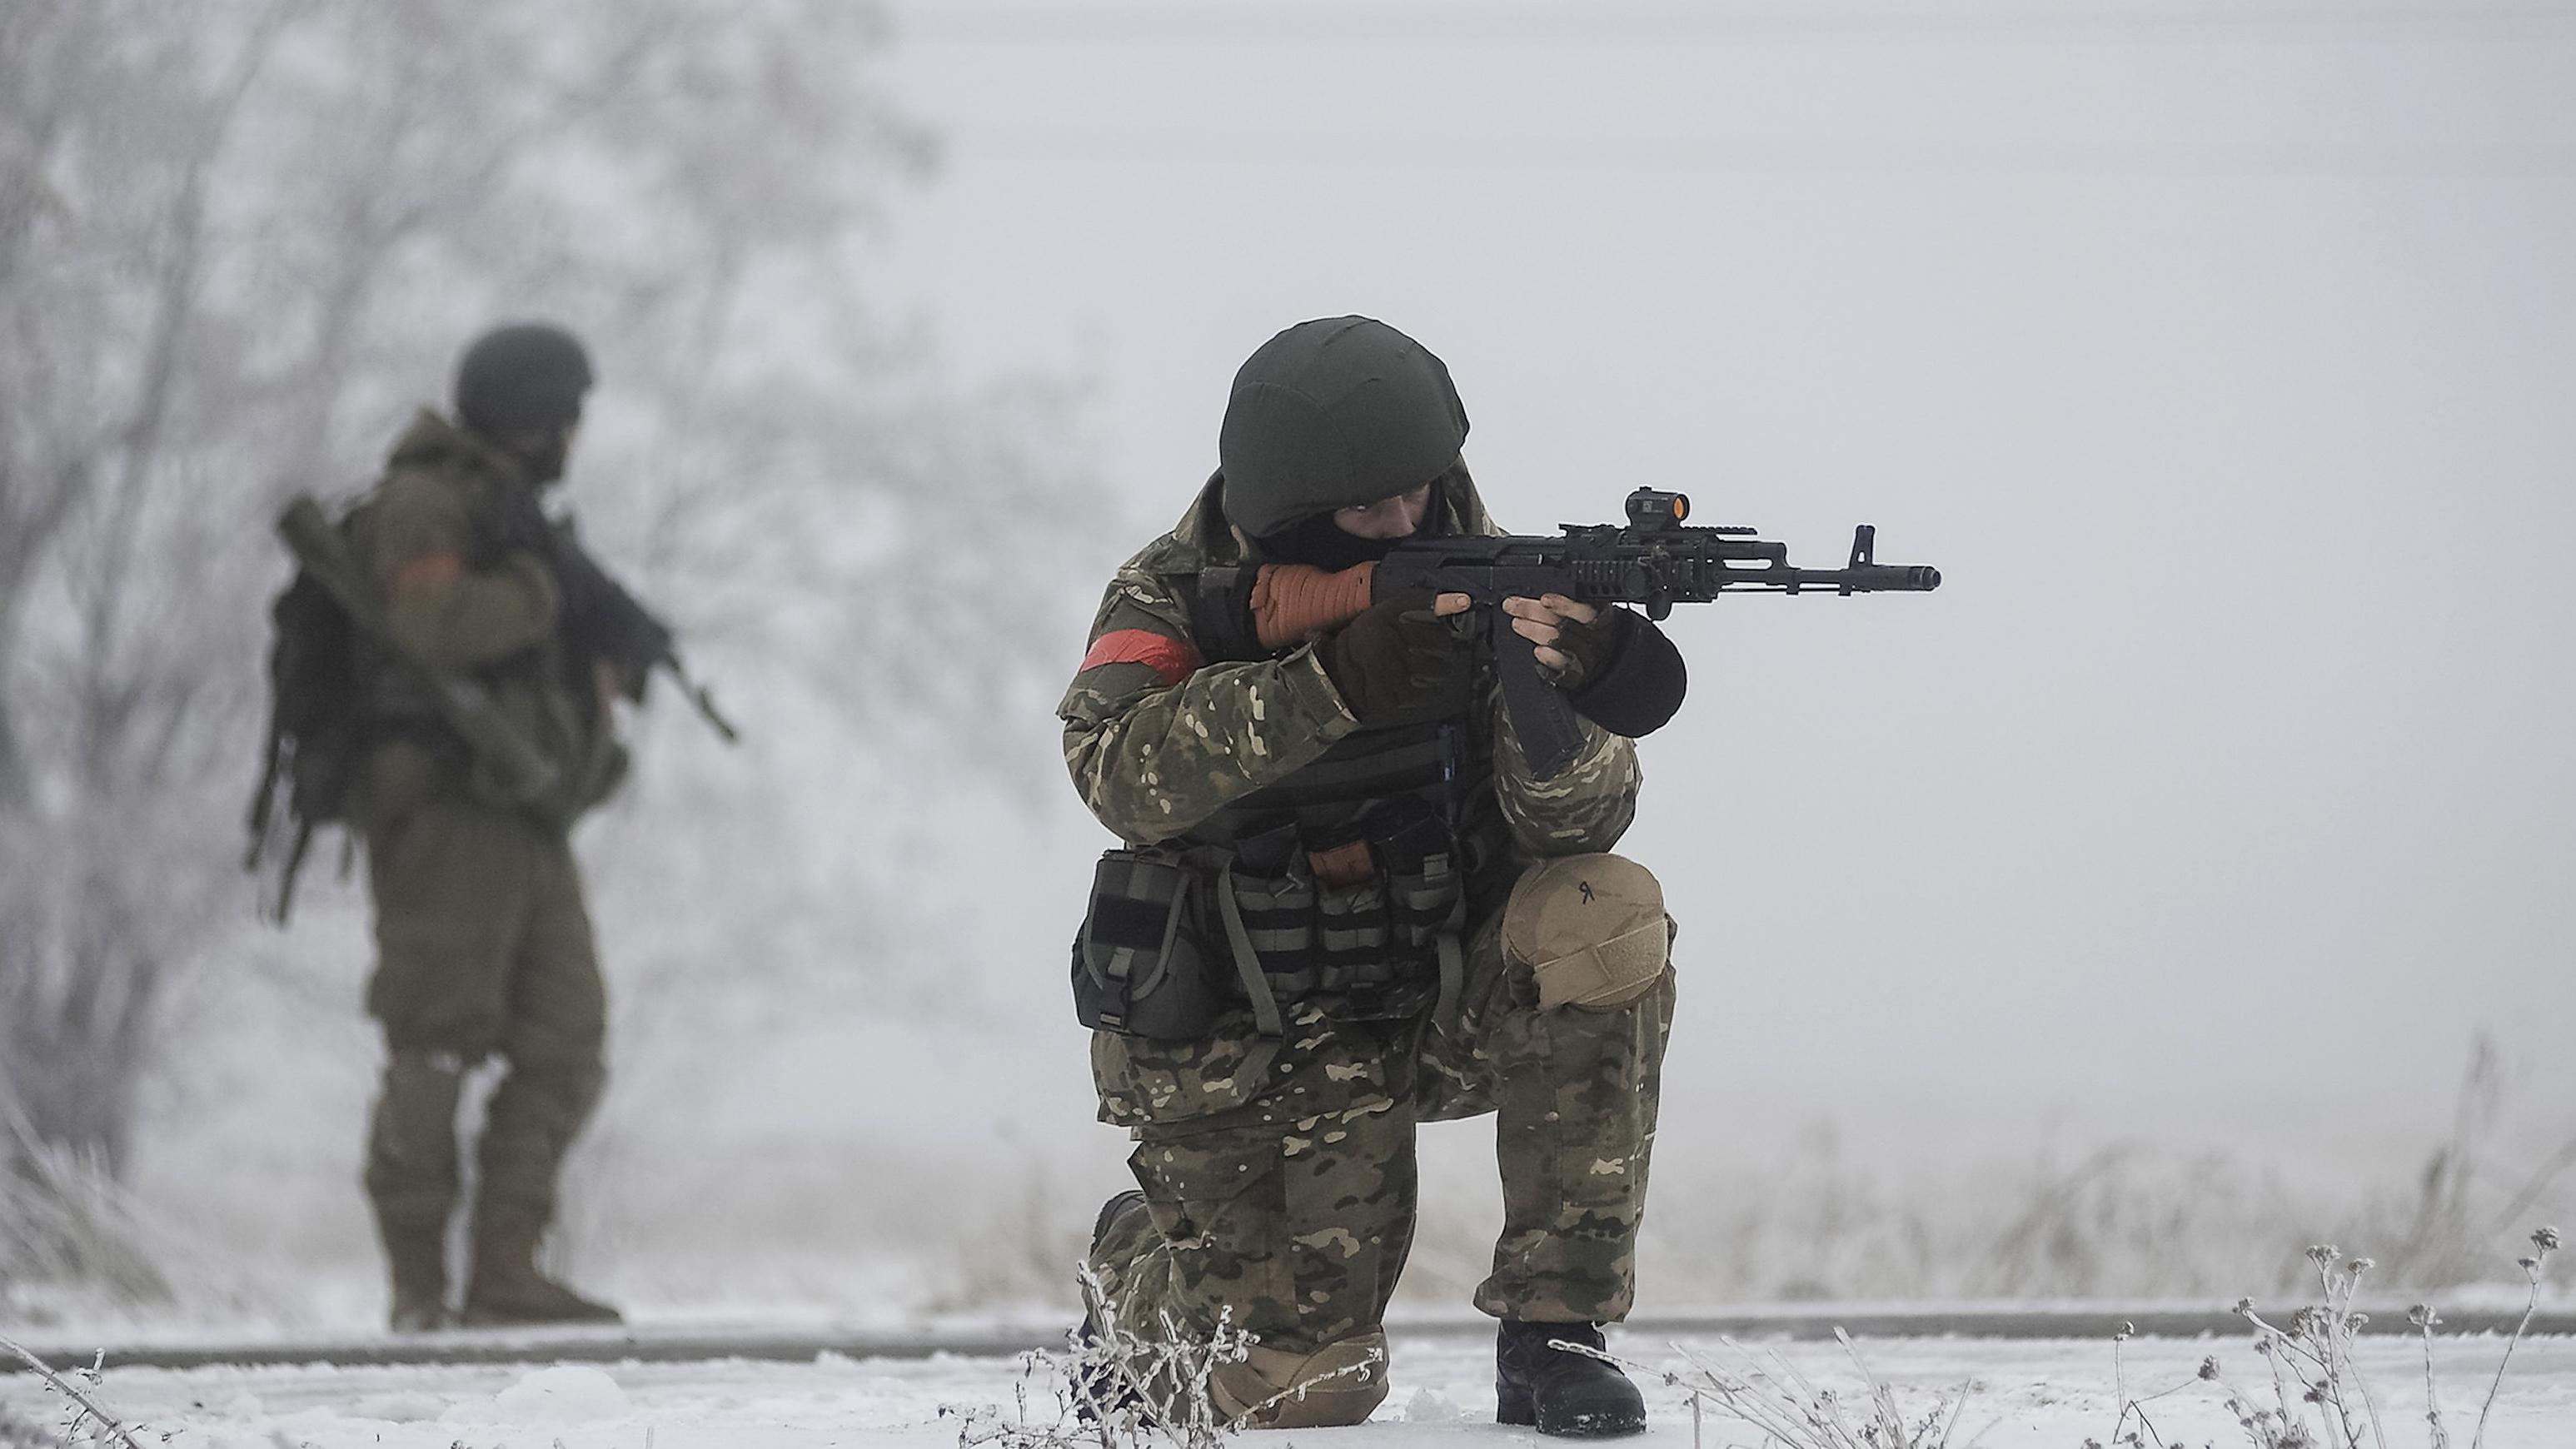 «Спецтехноэкспорт»: 5 стран Европы поставляют Украине смертельное оружие